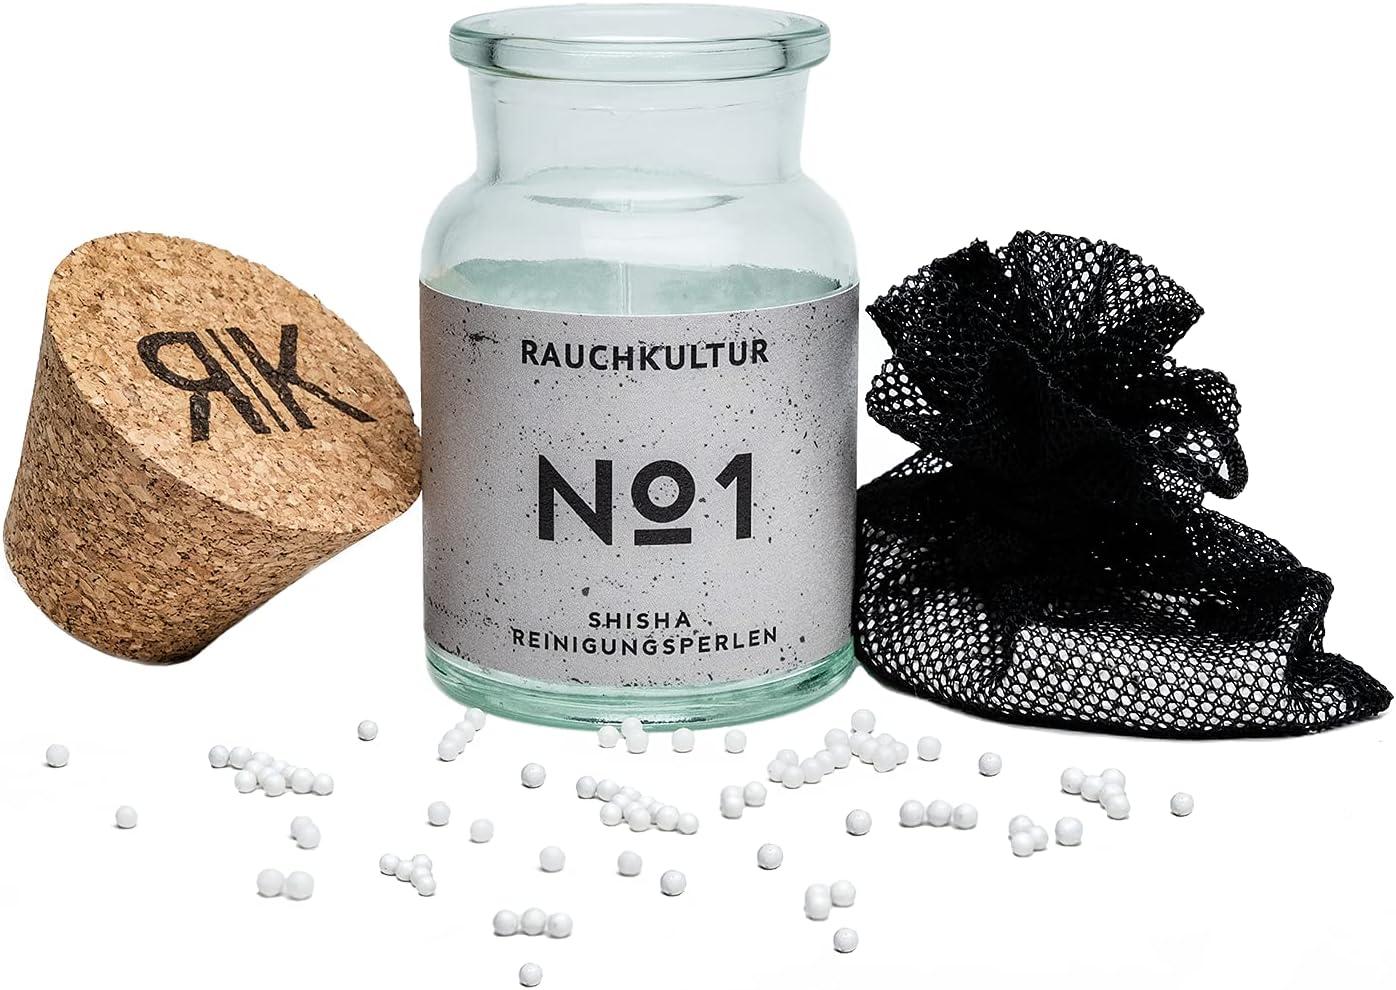 Rauchkultur® Perlas de limpieza para cachimba un resultado sin arañazos [2000 perlas] – Juego mejorado cerámica, limpiador cuenco alta calidad, accesorios cachimba, juego pipas